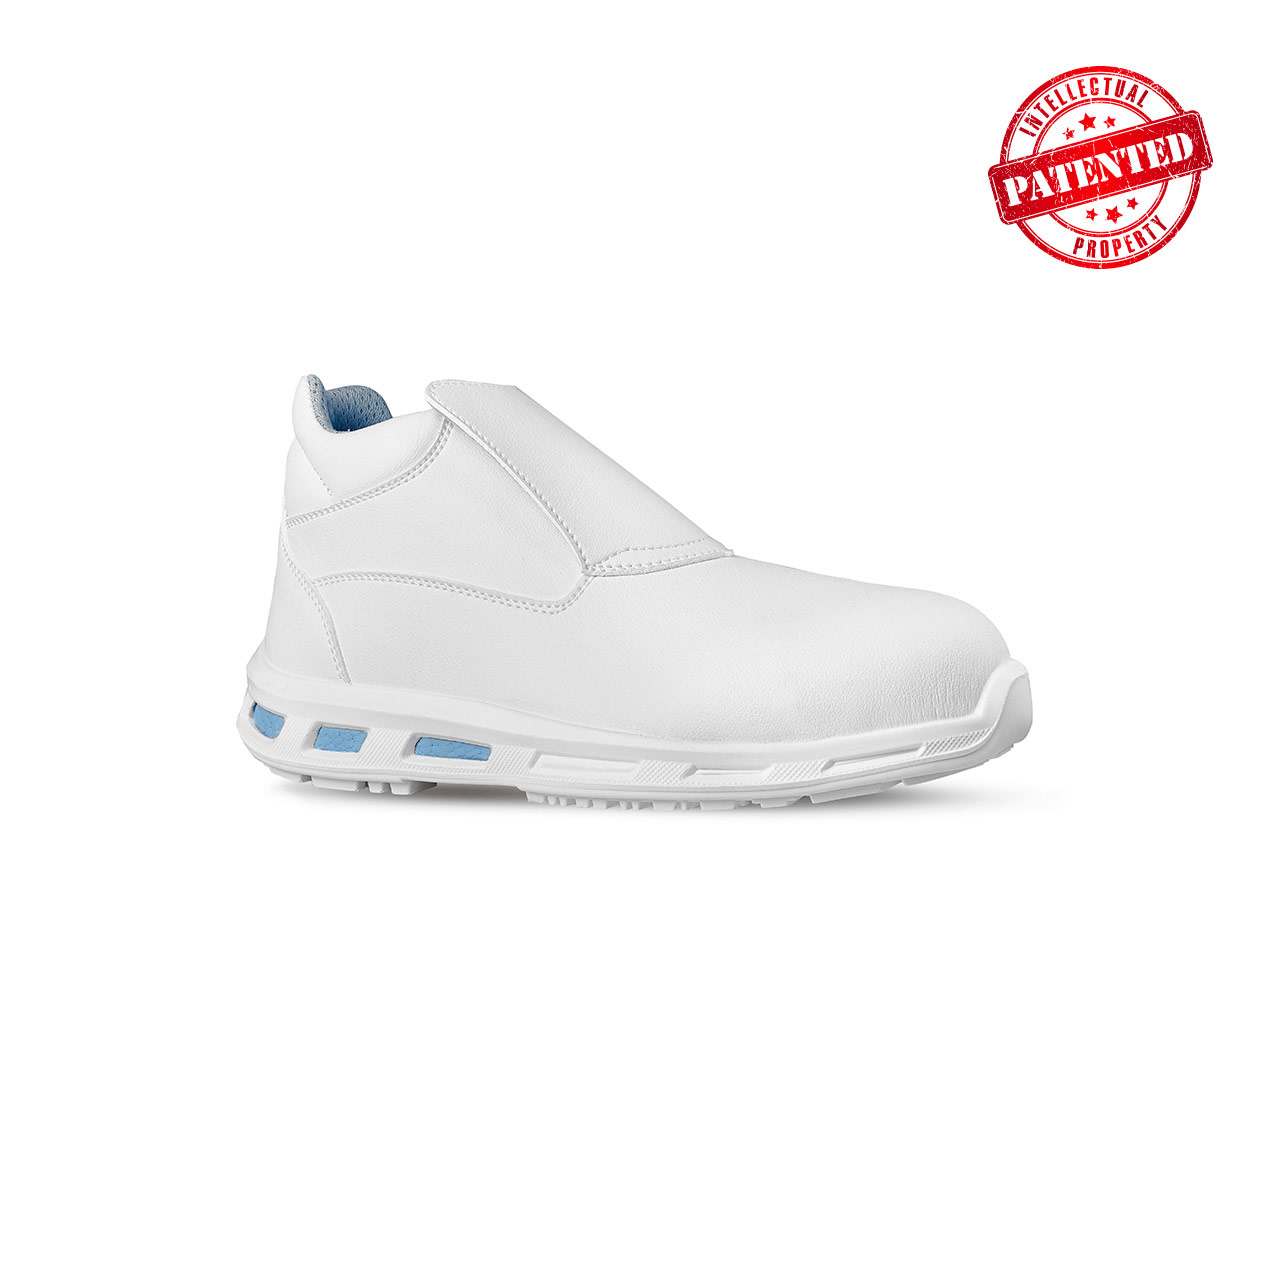 scarpa antinfortunistica upower modello glace linea redlion vista laterale